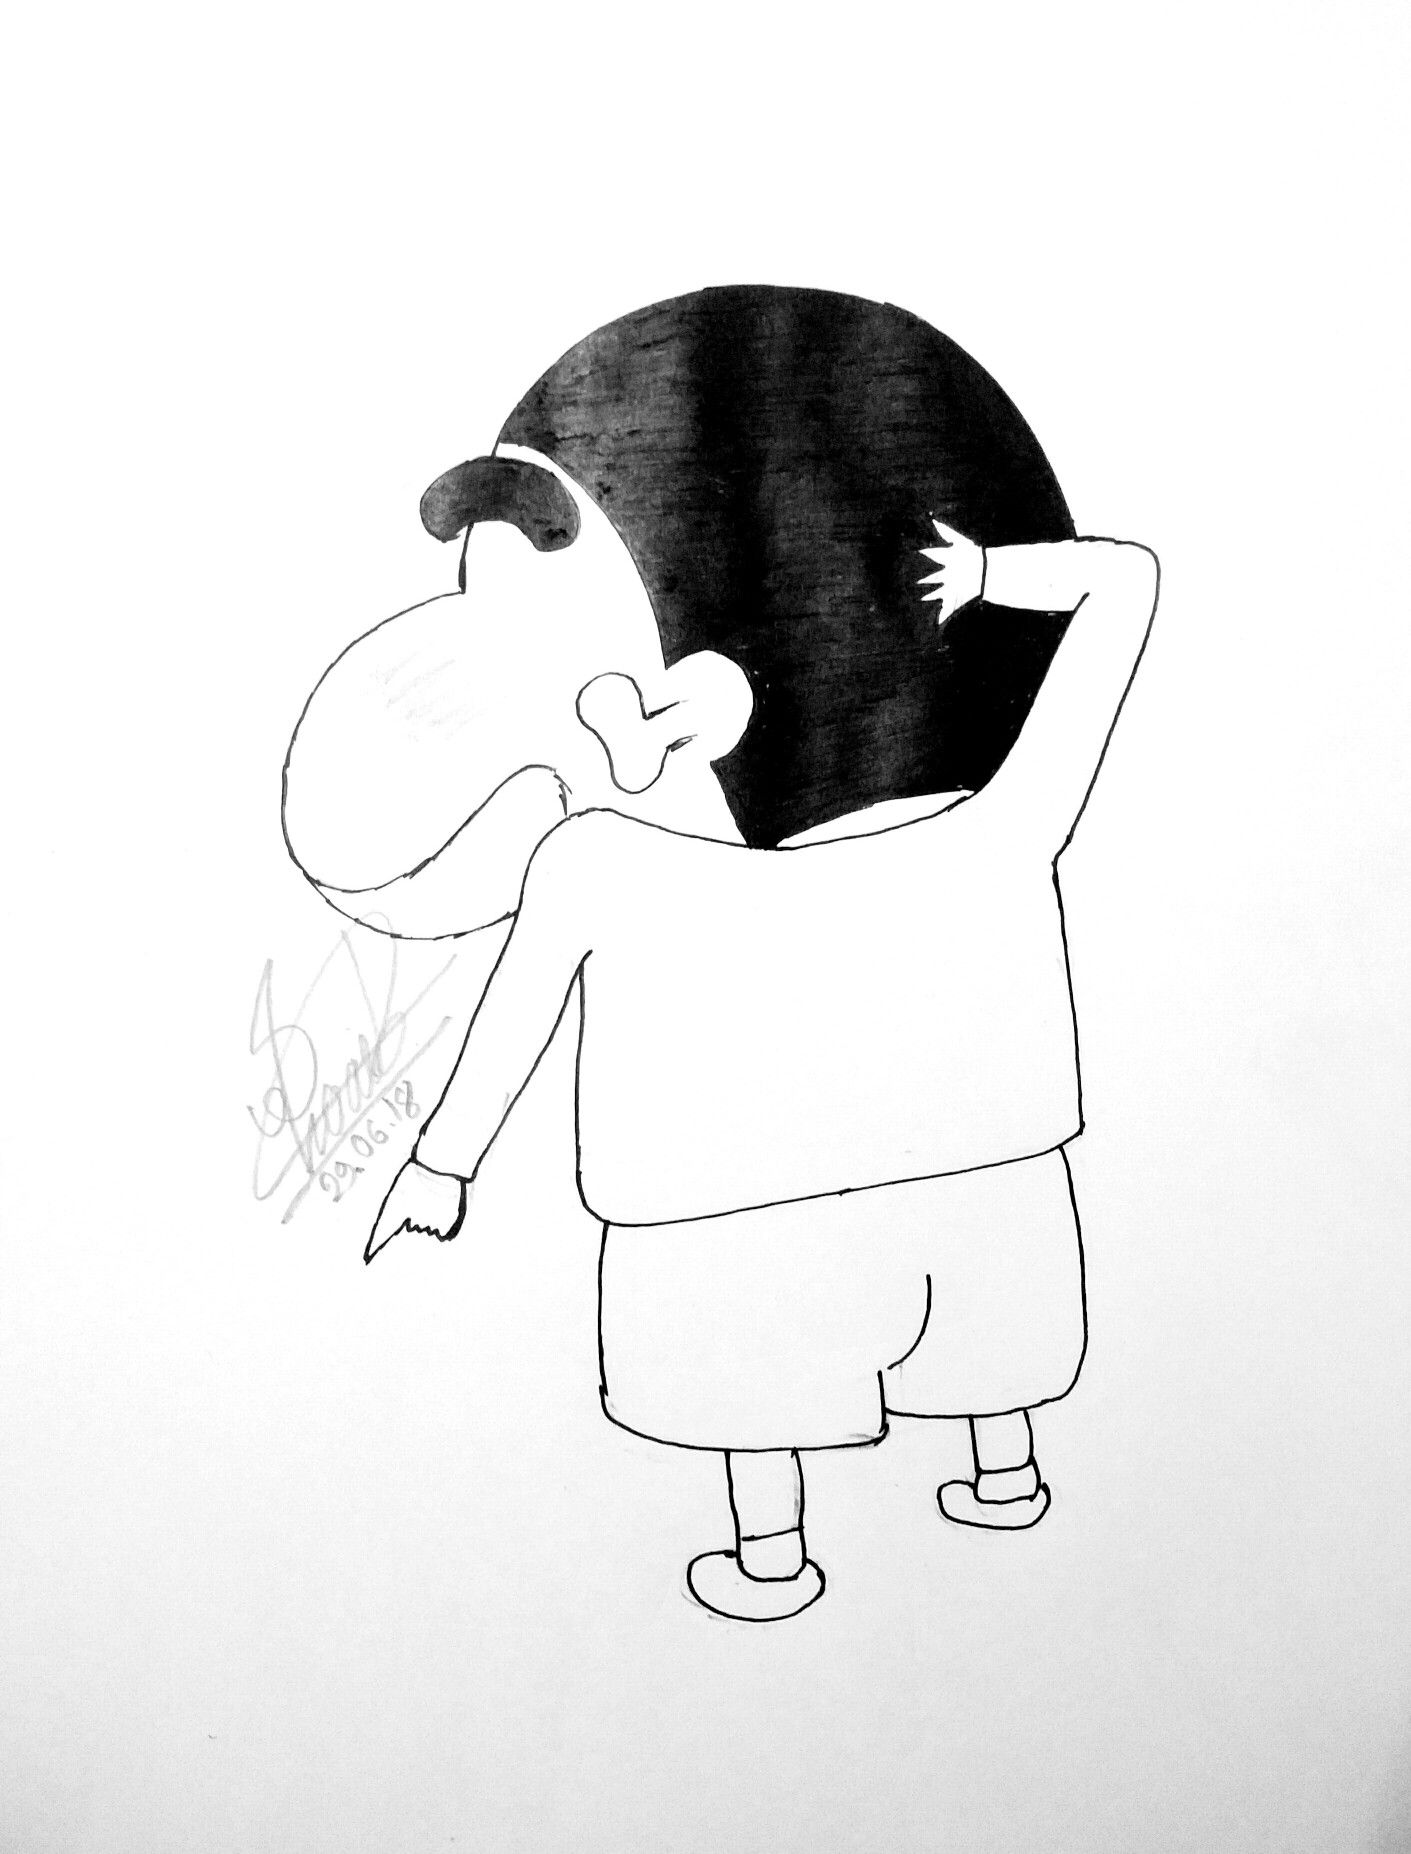 Tranh tô màu Shin cậu bé bút chì nhìn từ phía sau